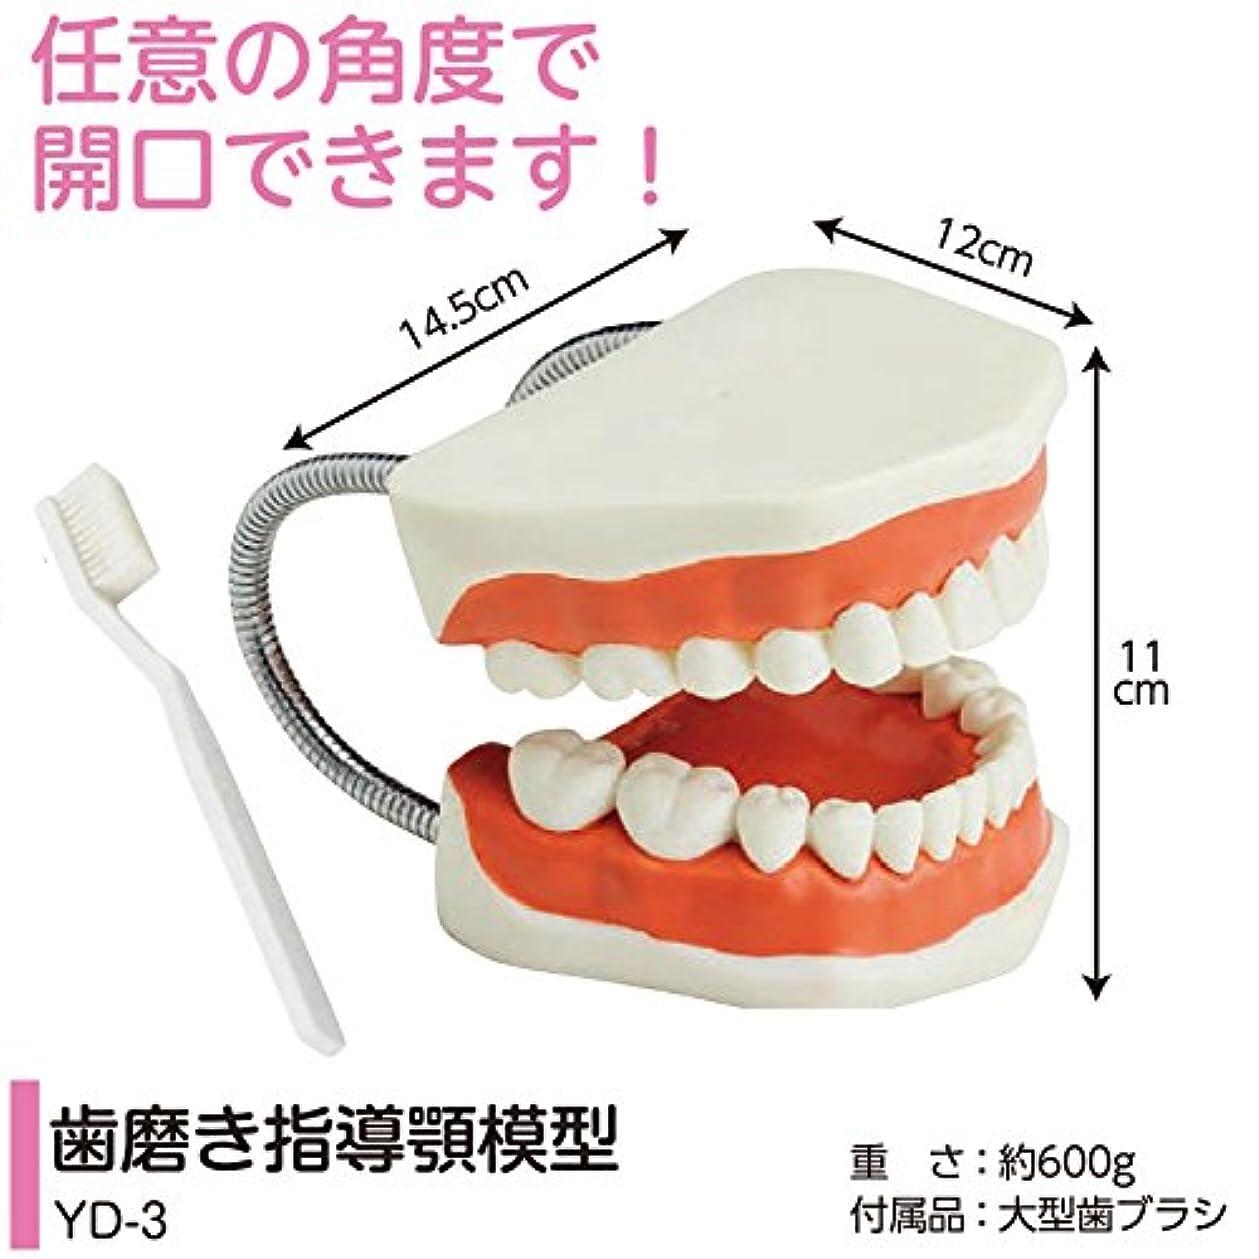 とても多くの慣習サイズ歯磨き指導用 顎模型 YD-3(歯ブラシ付) 軽くて持ちやすい歯みがき指導顎模型